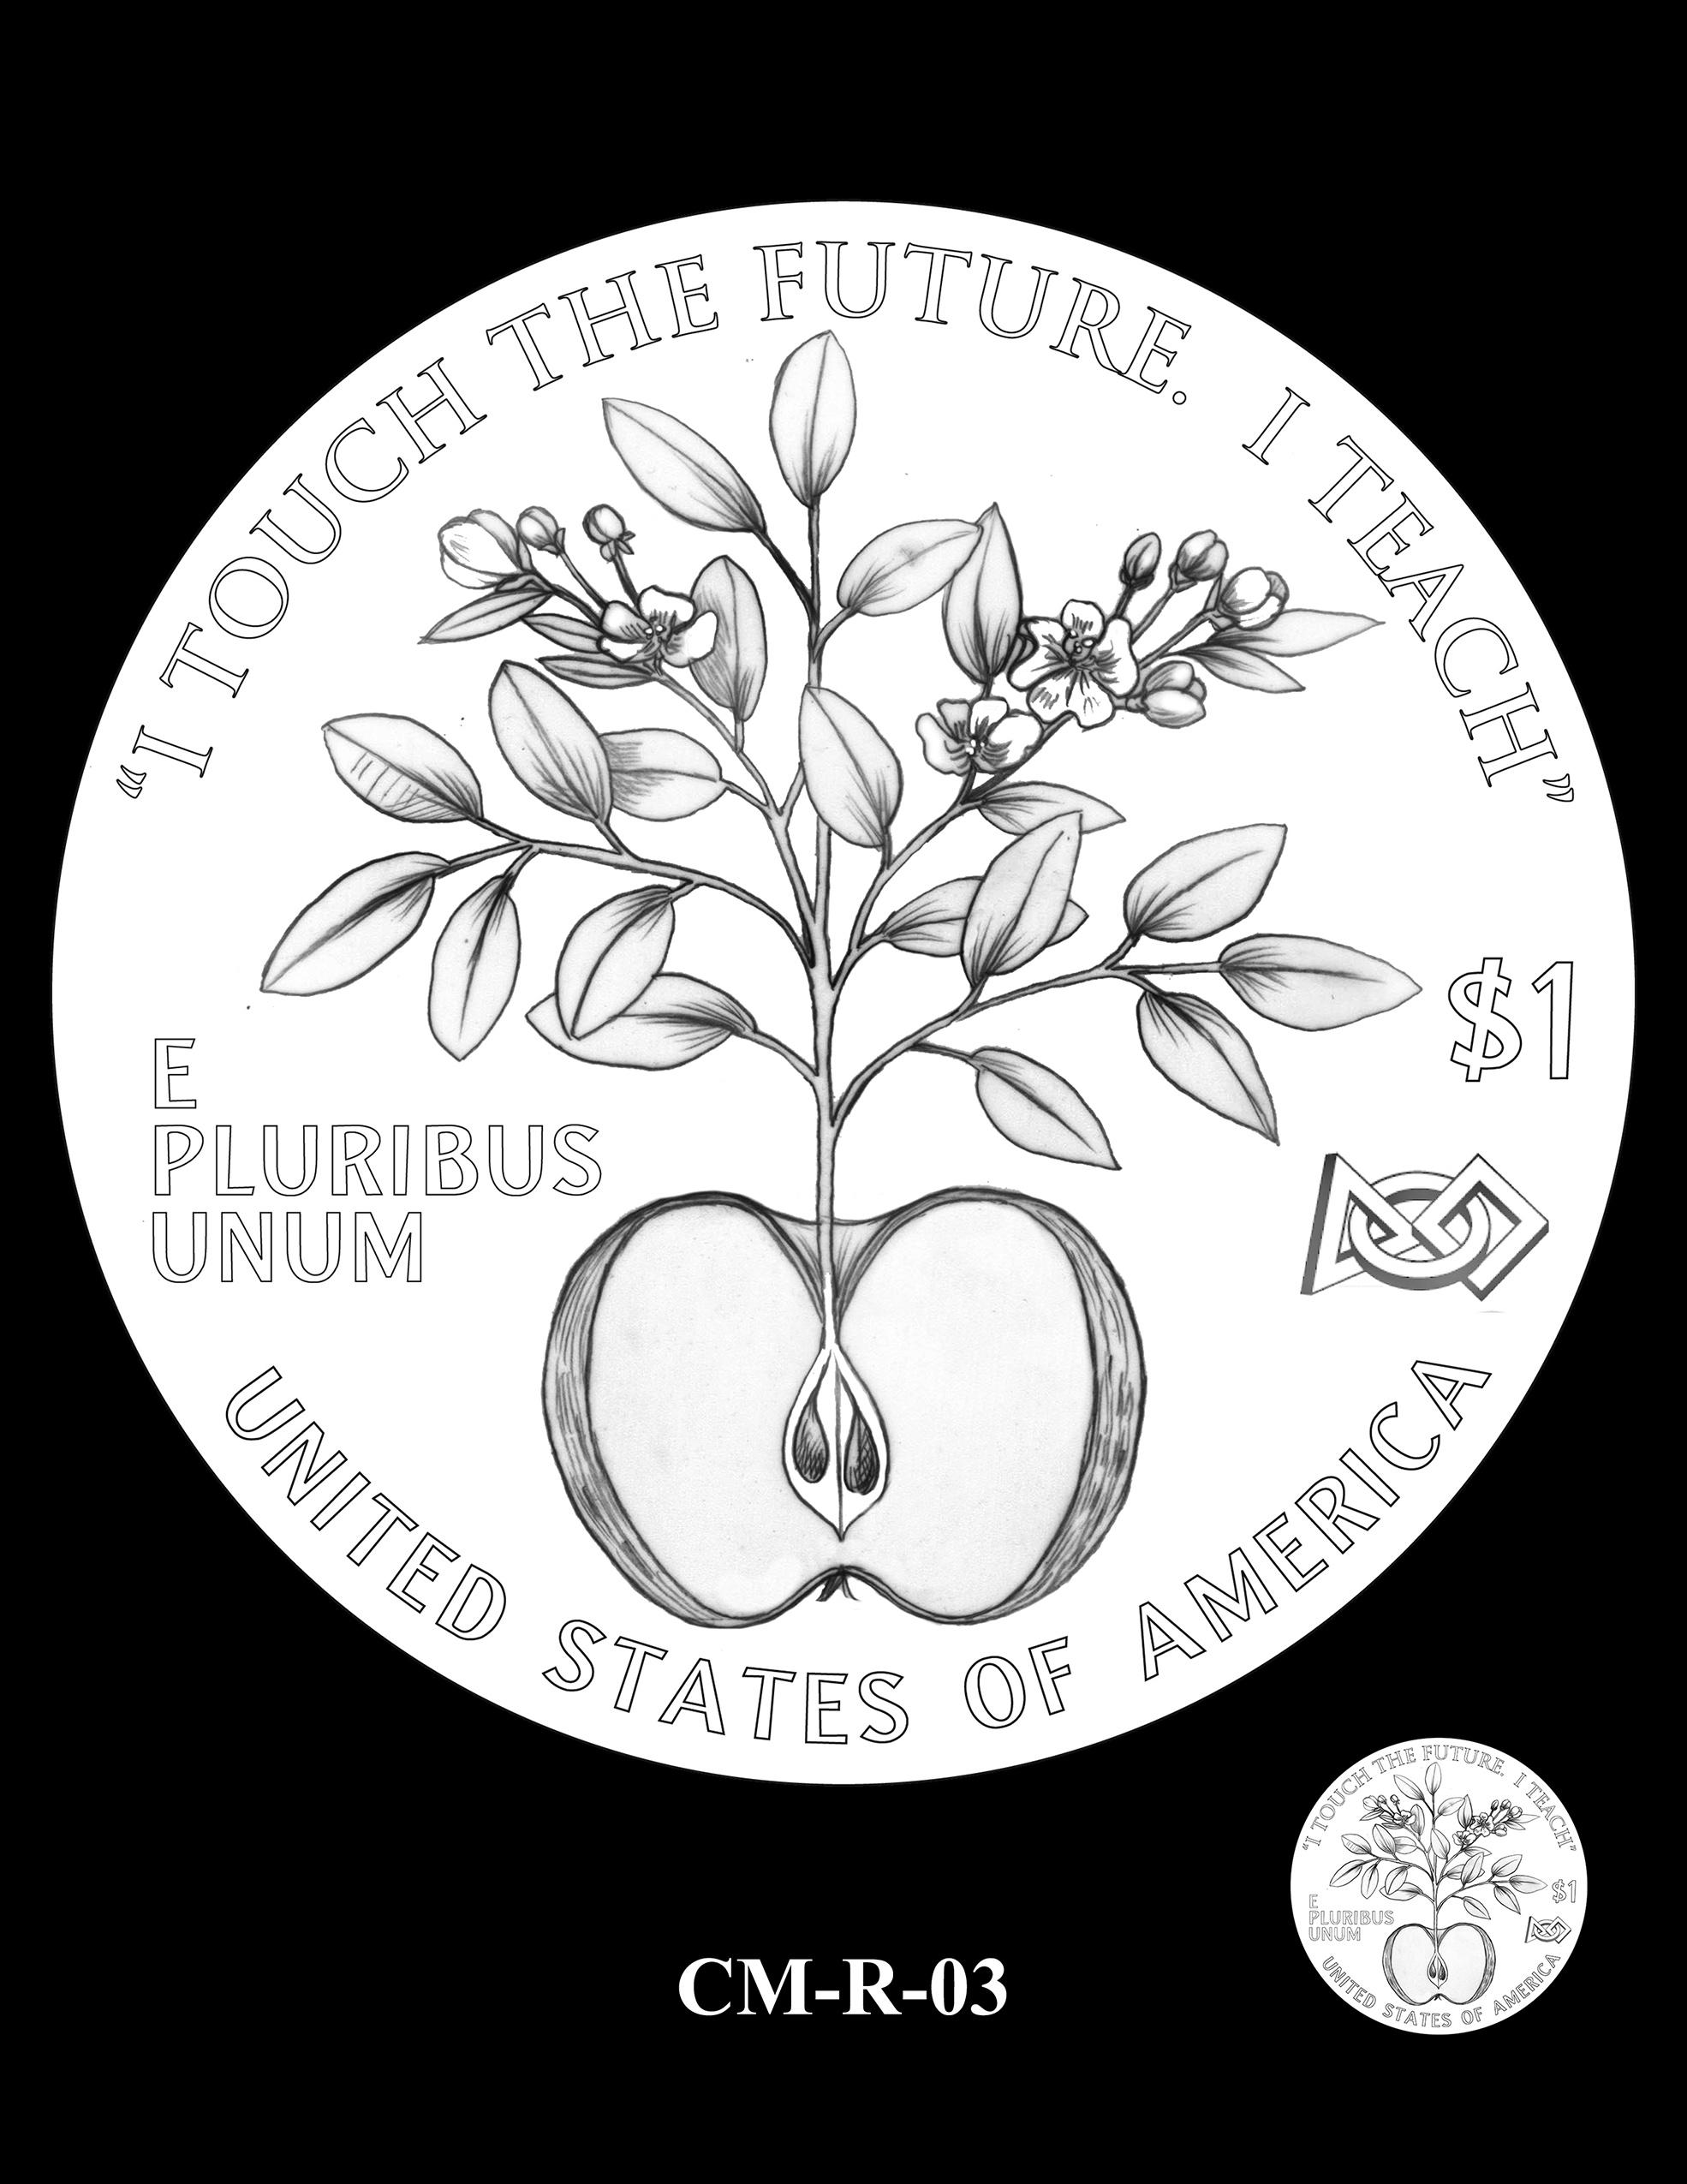 CM-R-03 -- 2021 Christa McAuliffe Commemorative Coin